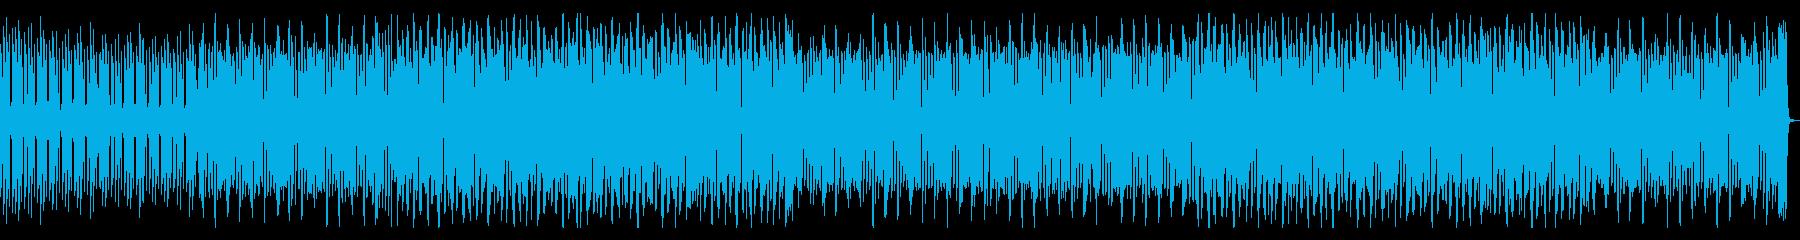 タイムアタック。テクノ。の再生済みの波形